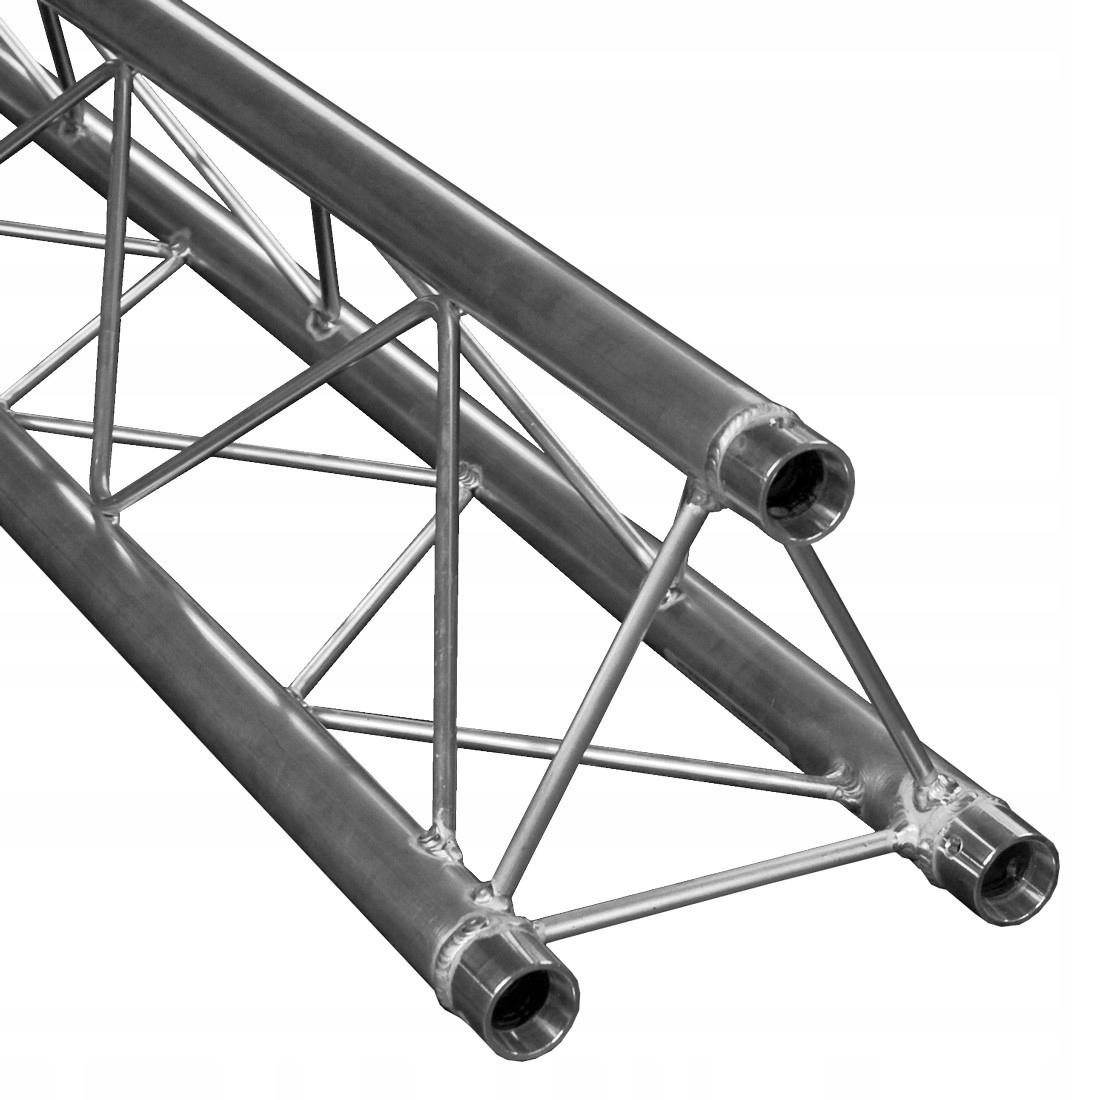 DT 23 - Trisystem - 150 cm Hliníková štruktúra